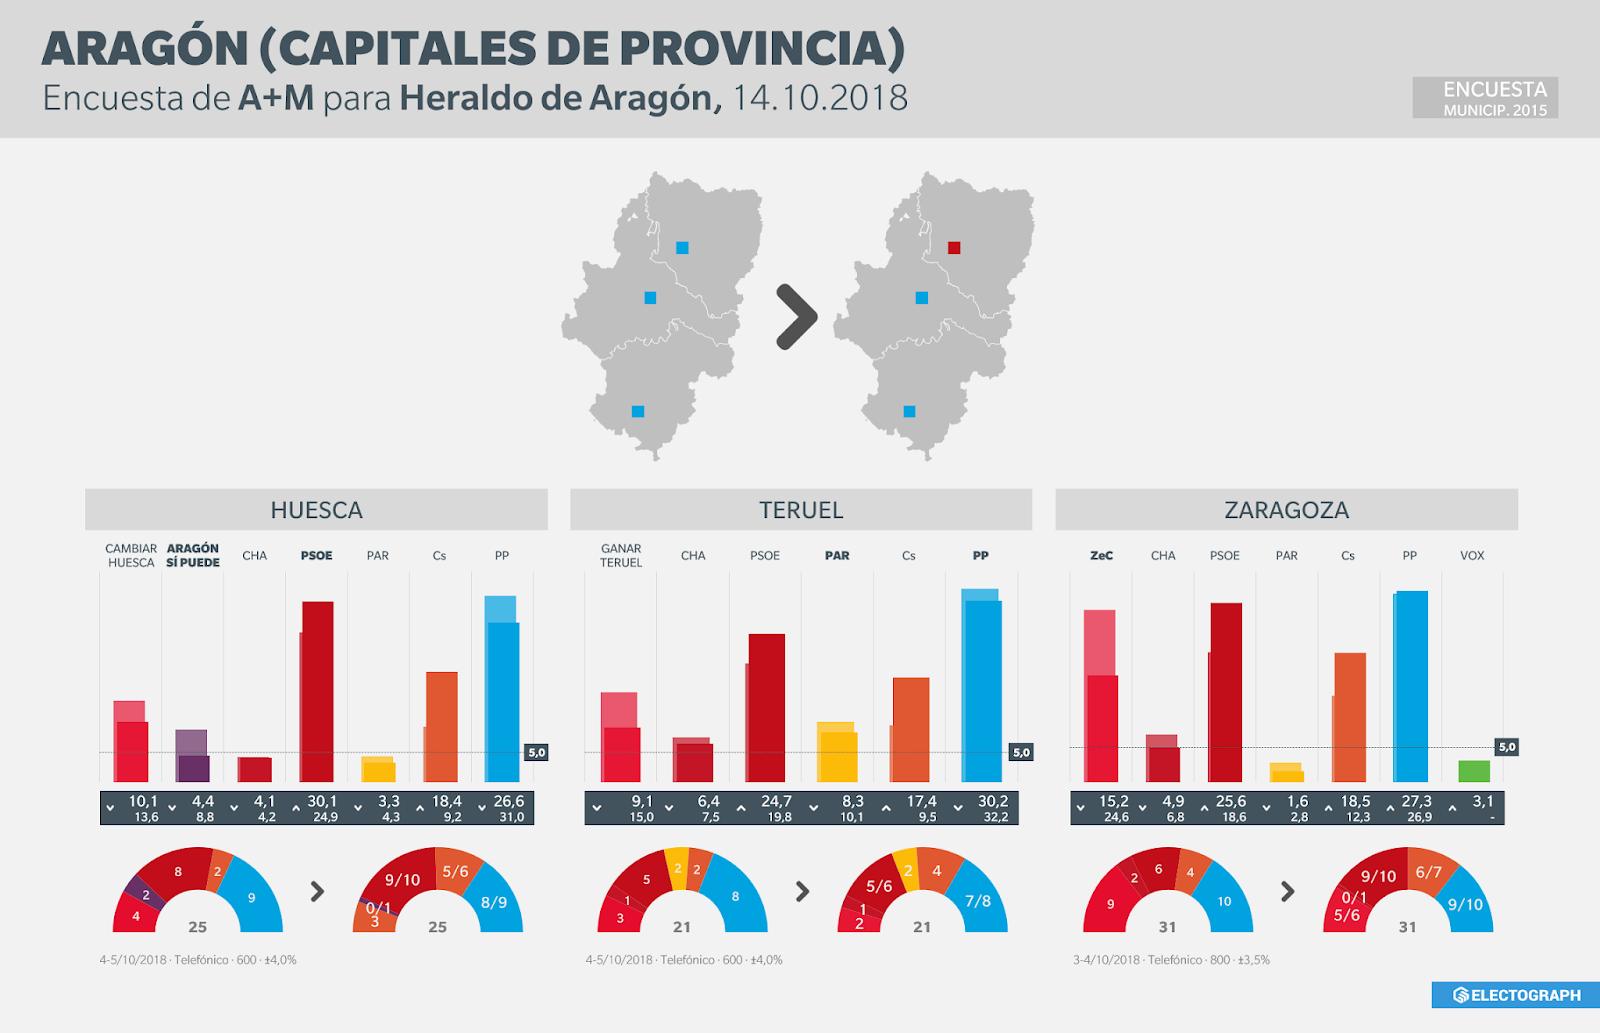 Gráfico de la encuesta para elecciones municipales en Huesca, Teruel y Zaragoza realizada por A+M para Heraldo en octubre de 2018